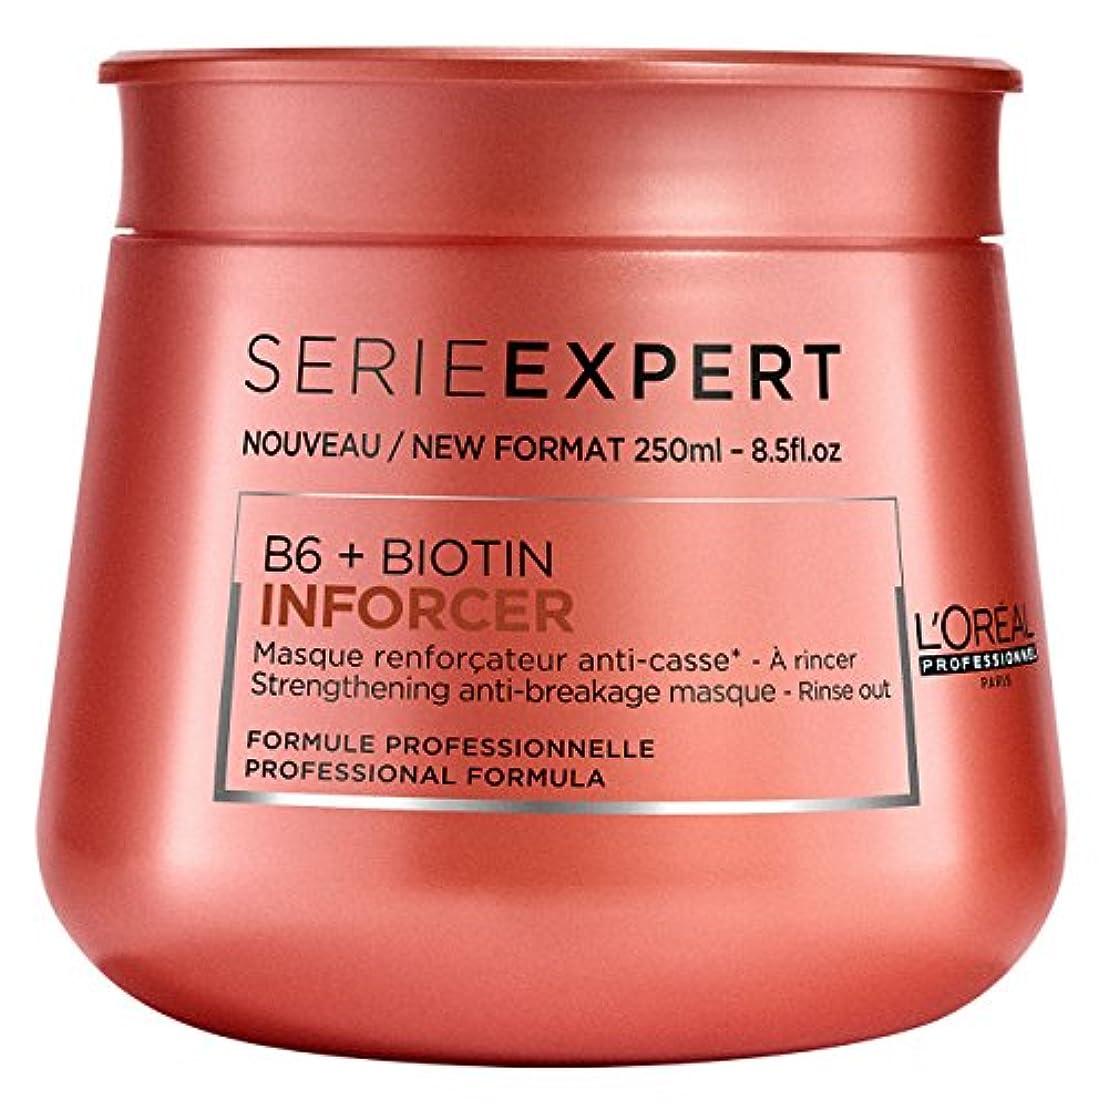 クールプレゼンター考えたL'Oreal Serie Expert B6 + Biotin INFORCER Strengthening Anti-Breakage Masque 250 ml [並行輸入品]